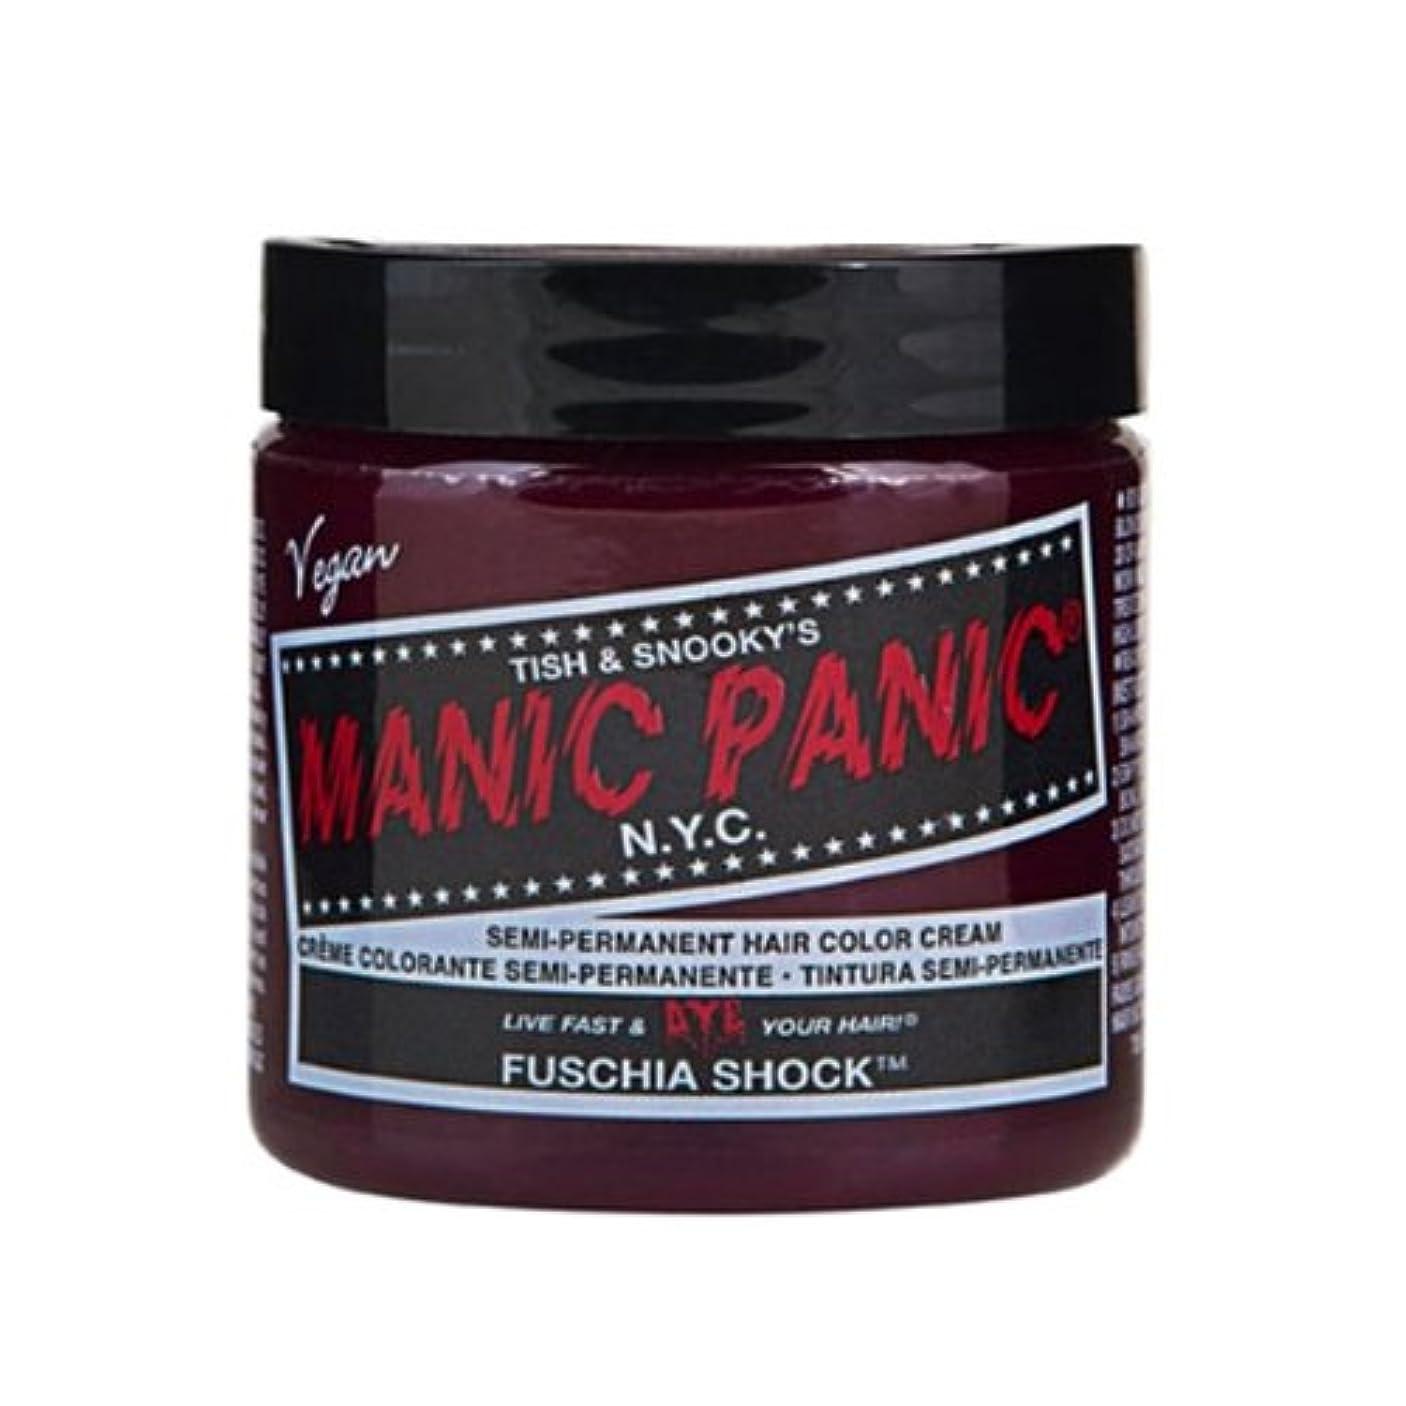 ズーム何でもびっくりマニックパニック カラークリーム フューシャショック